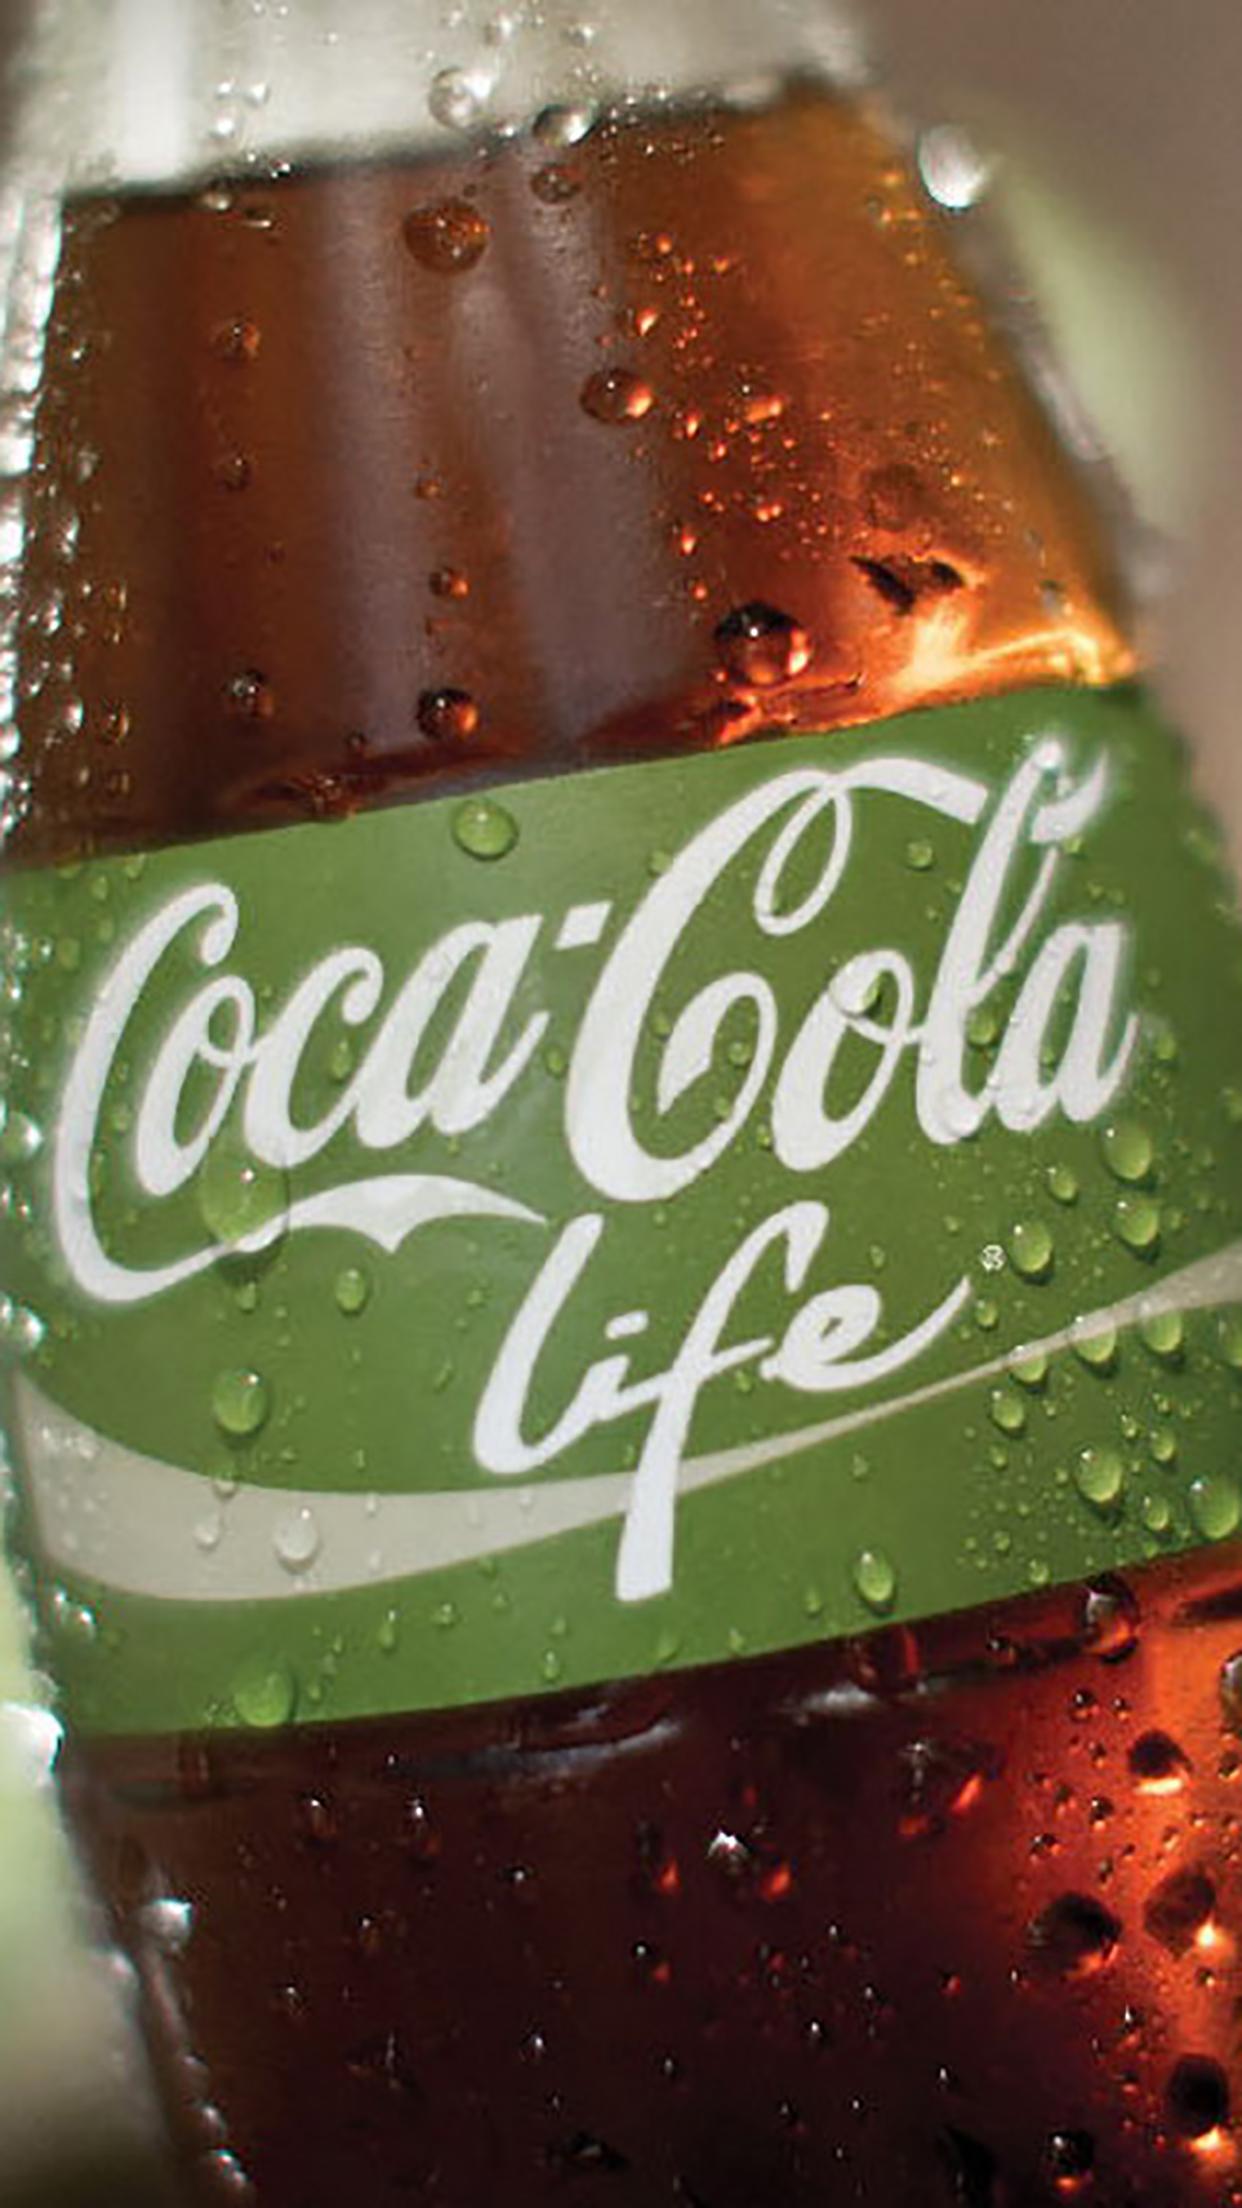 Coca Cola life 3Wallpapers iPhone Parallax Coca Cola life